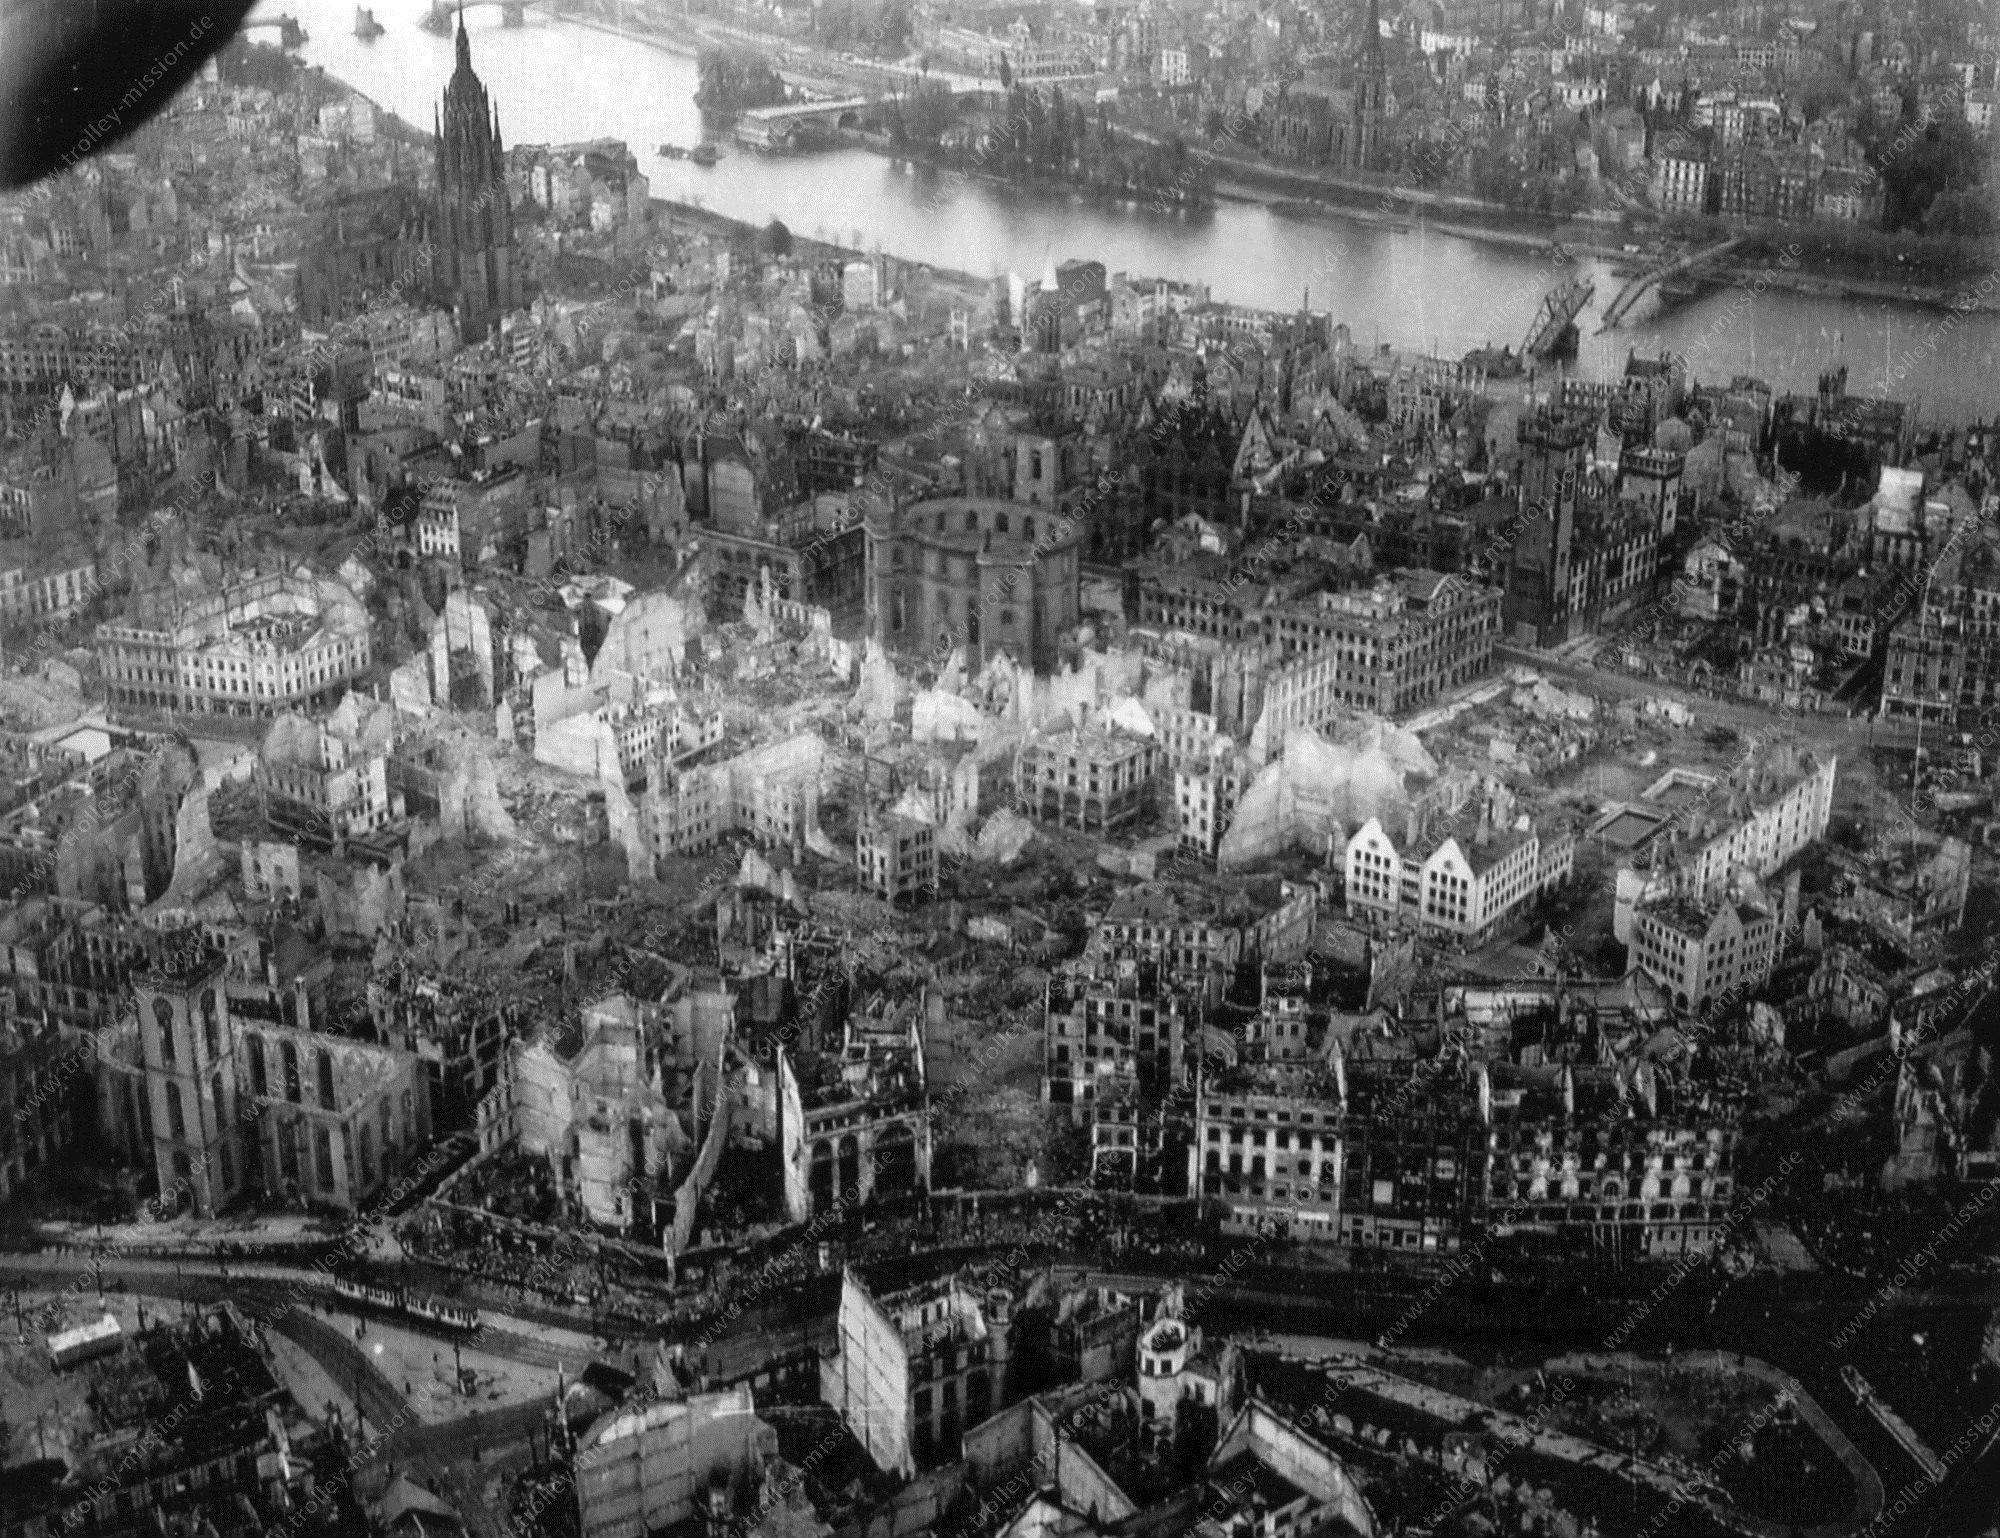 Luftbild von Frankfurt am Main mit Paulskirche, Dom und zerstörter Altstadt